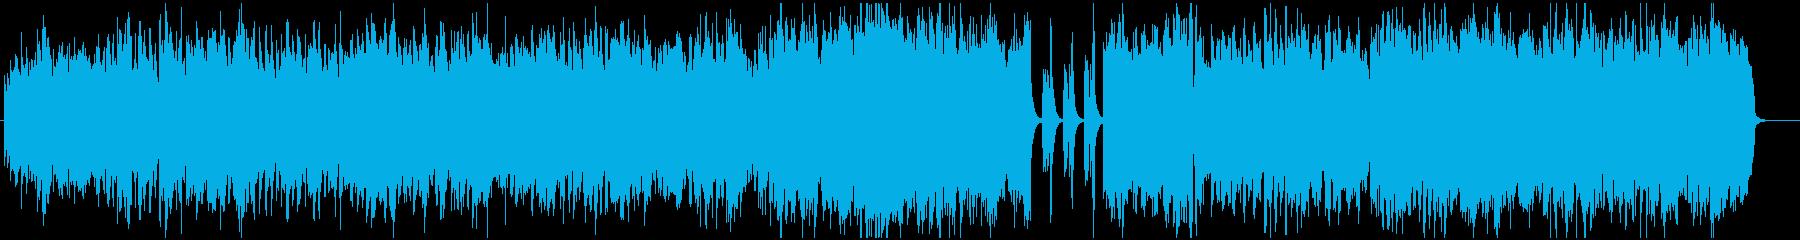 RPGフィールド曲風なオーケストラの再生済みの波形